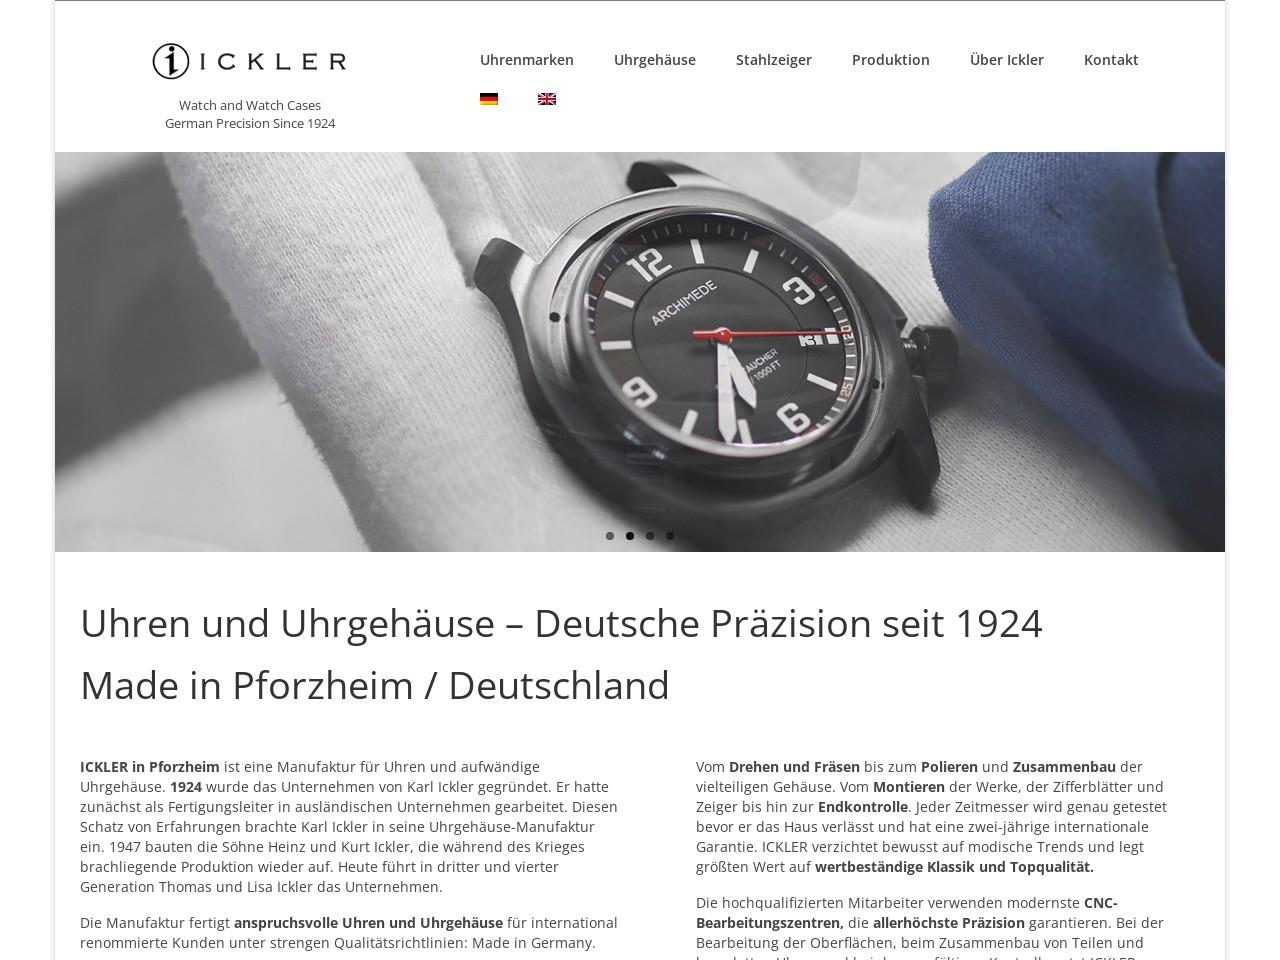 ickler.de